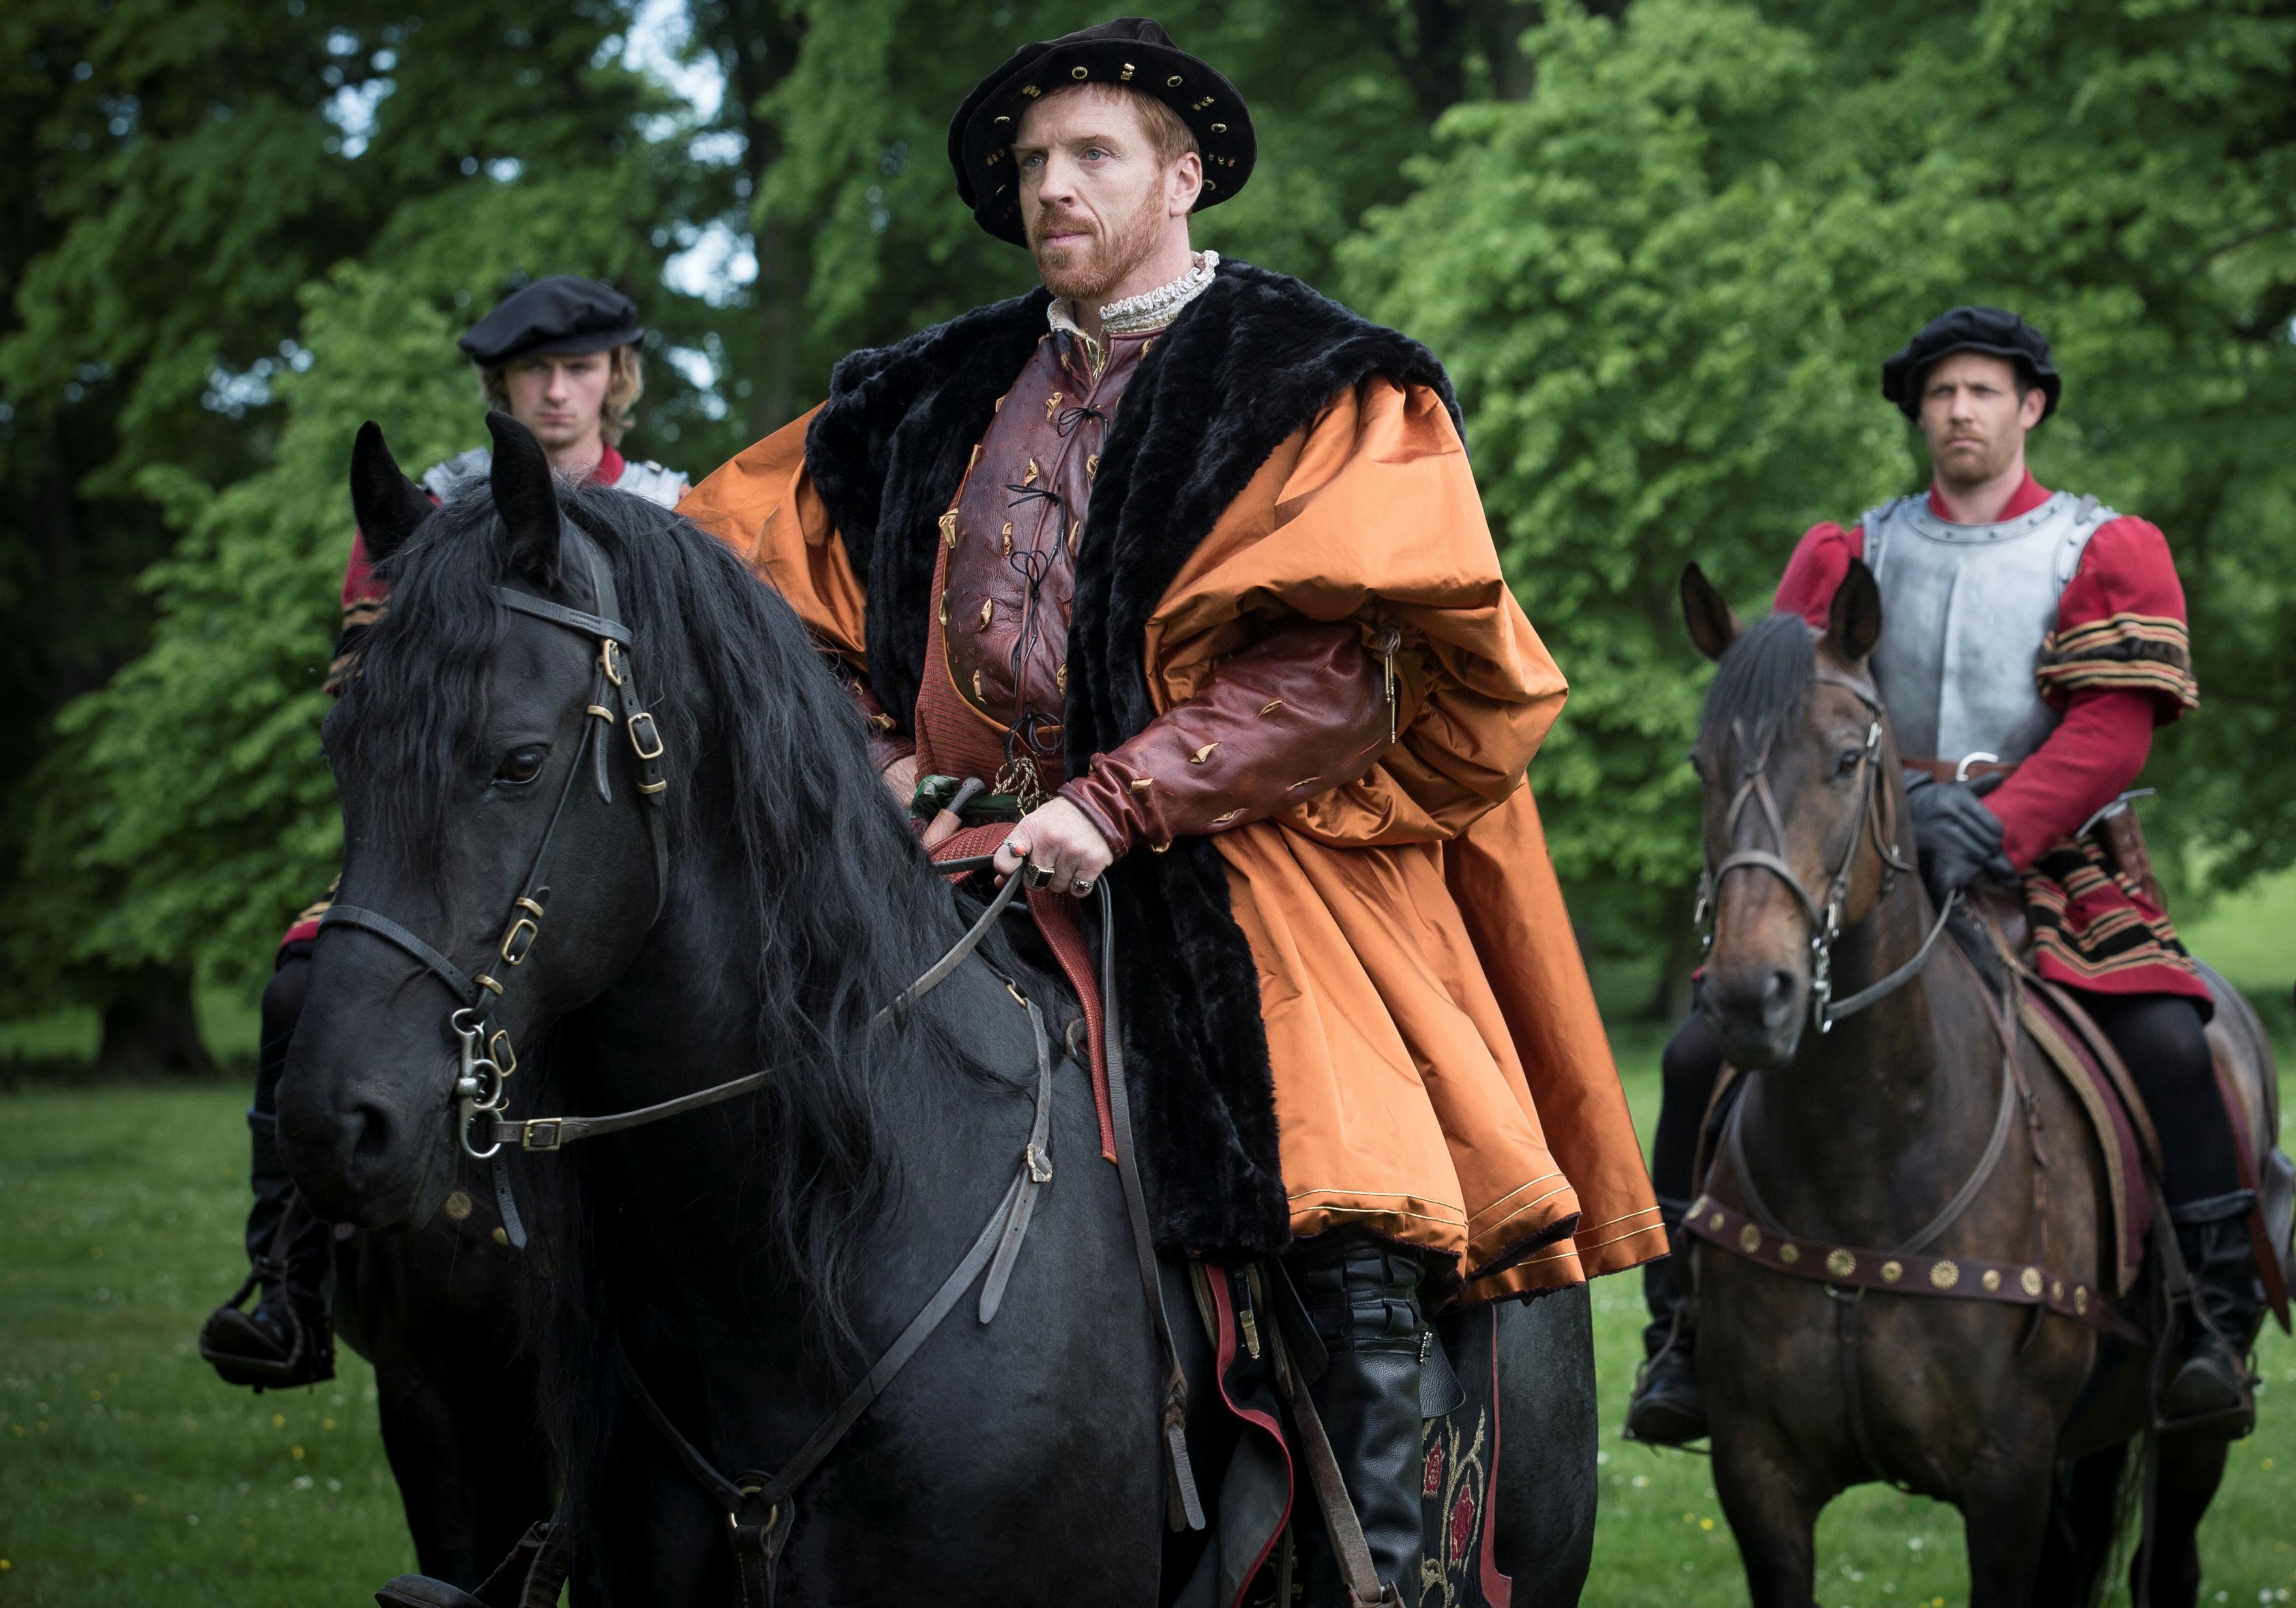 Τηλεοπτική σειρά, BBC 2, WOOLF HALL, Thomas Cromwell, Mark Rylance,